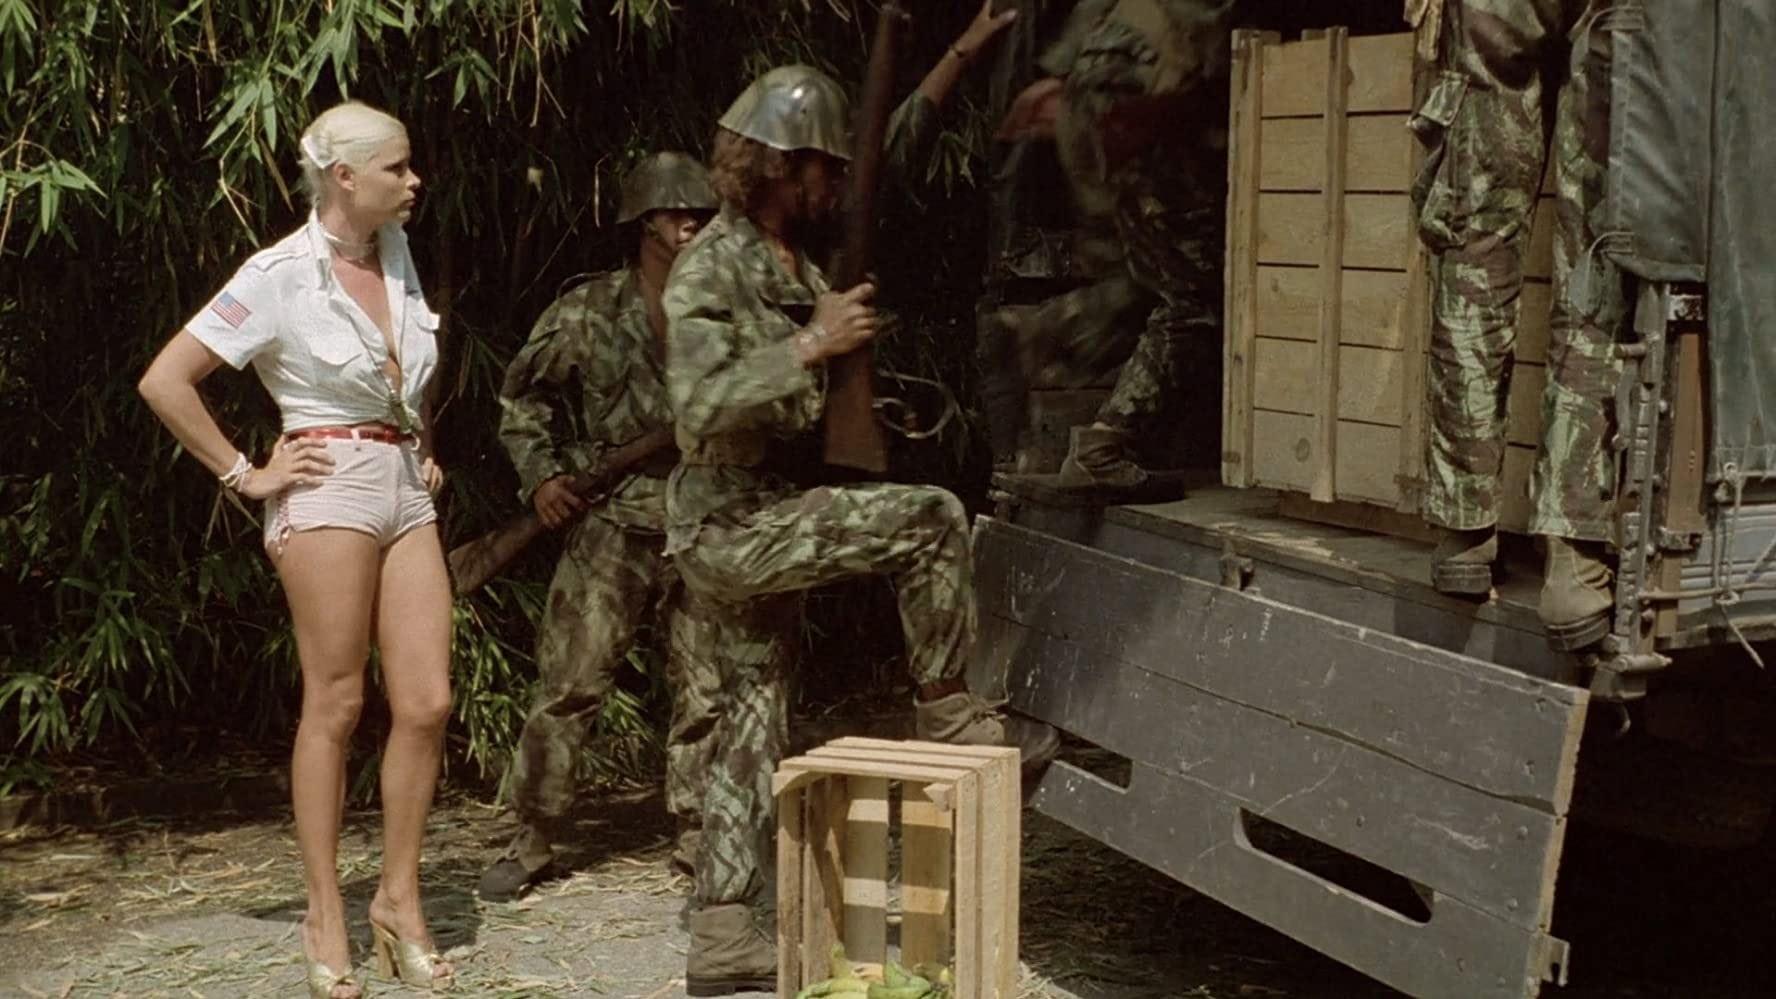 The Commando Of Prison